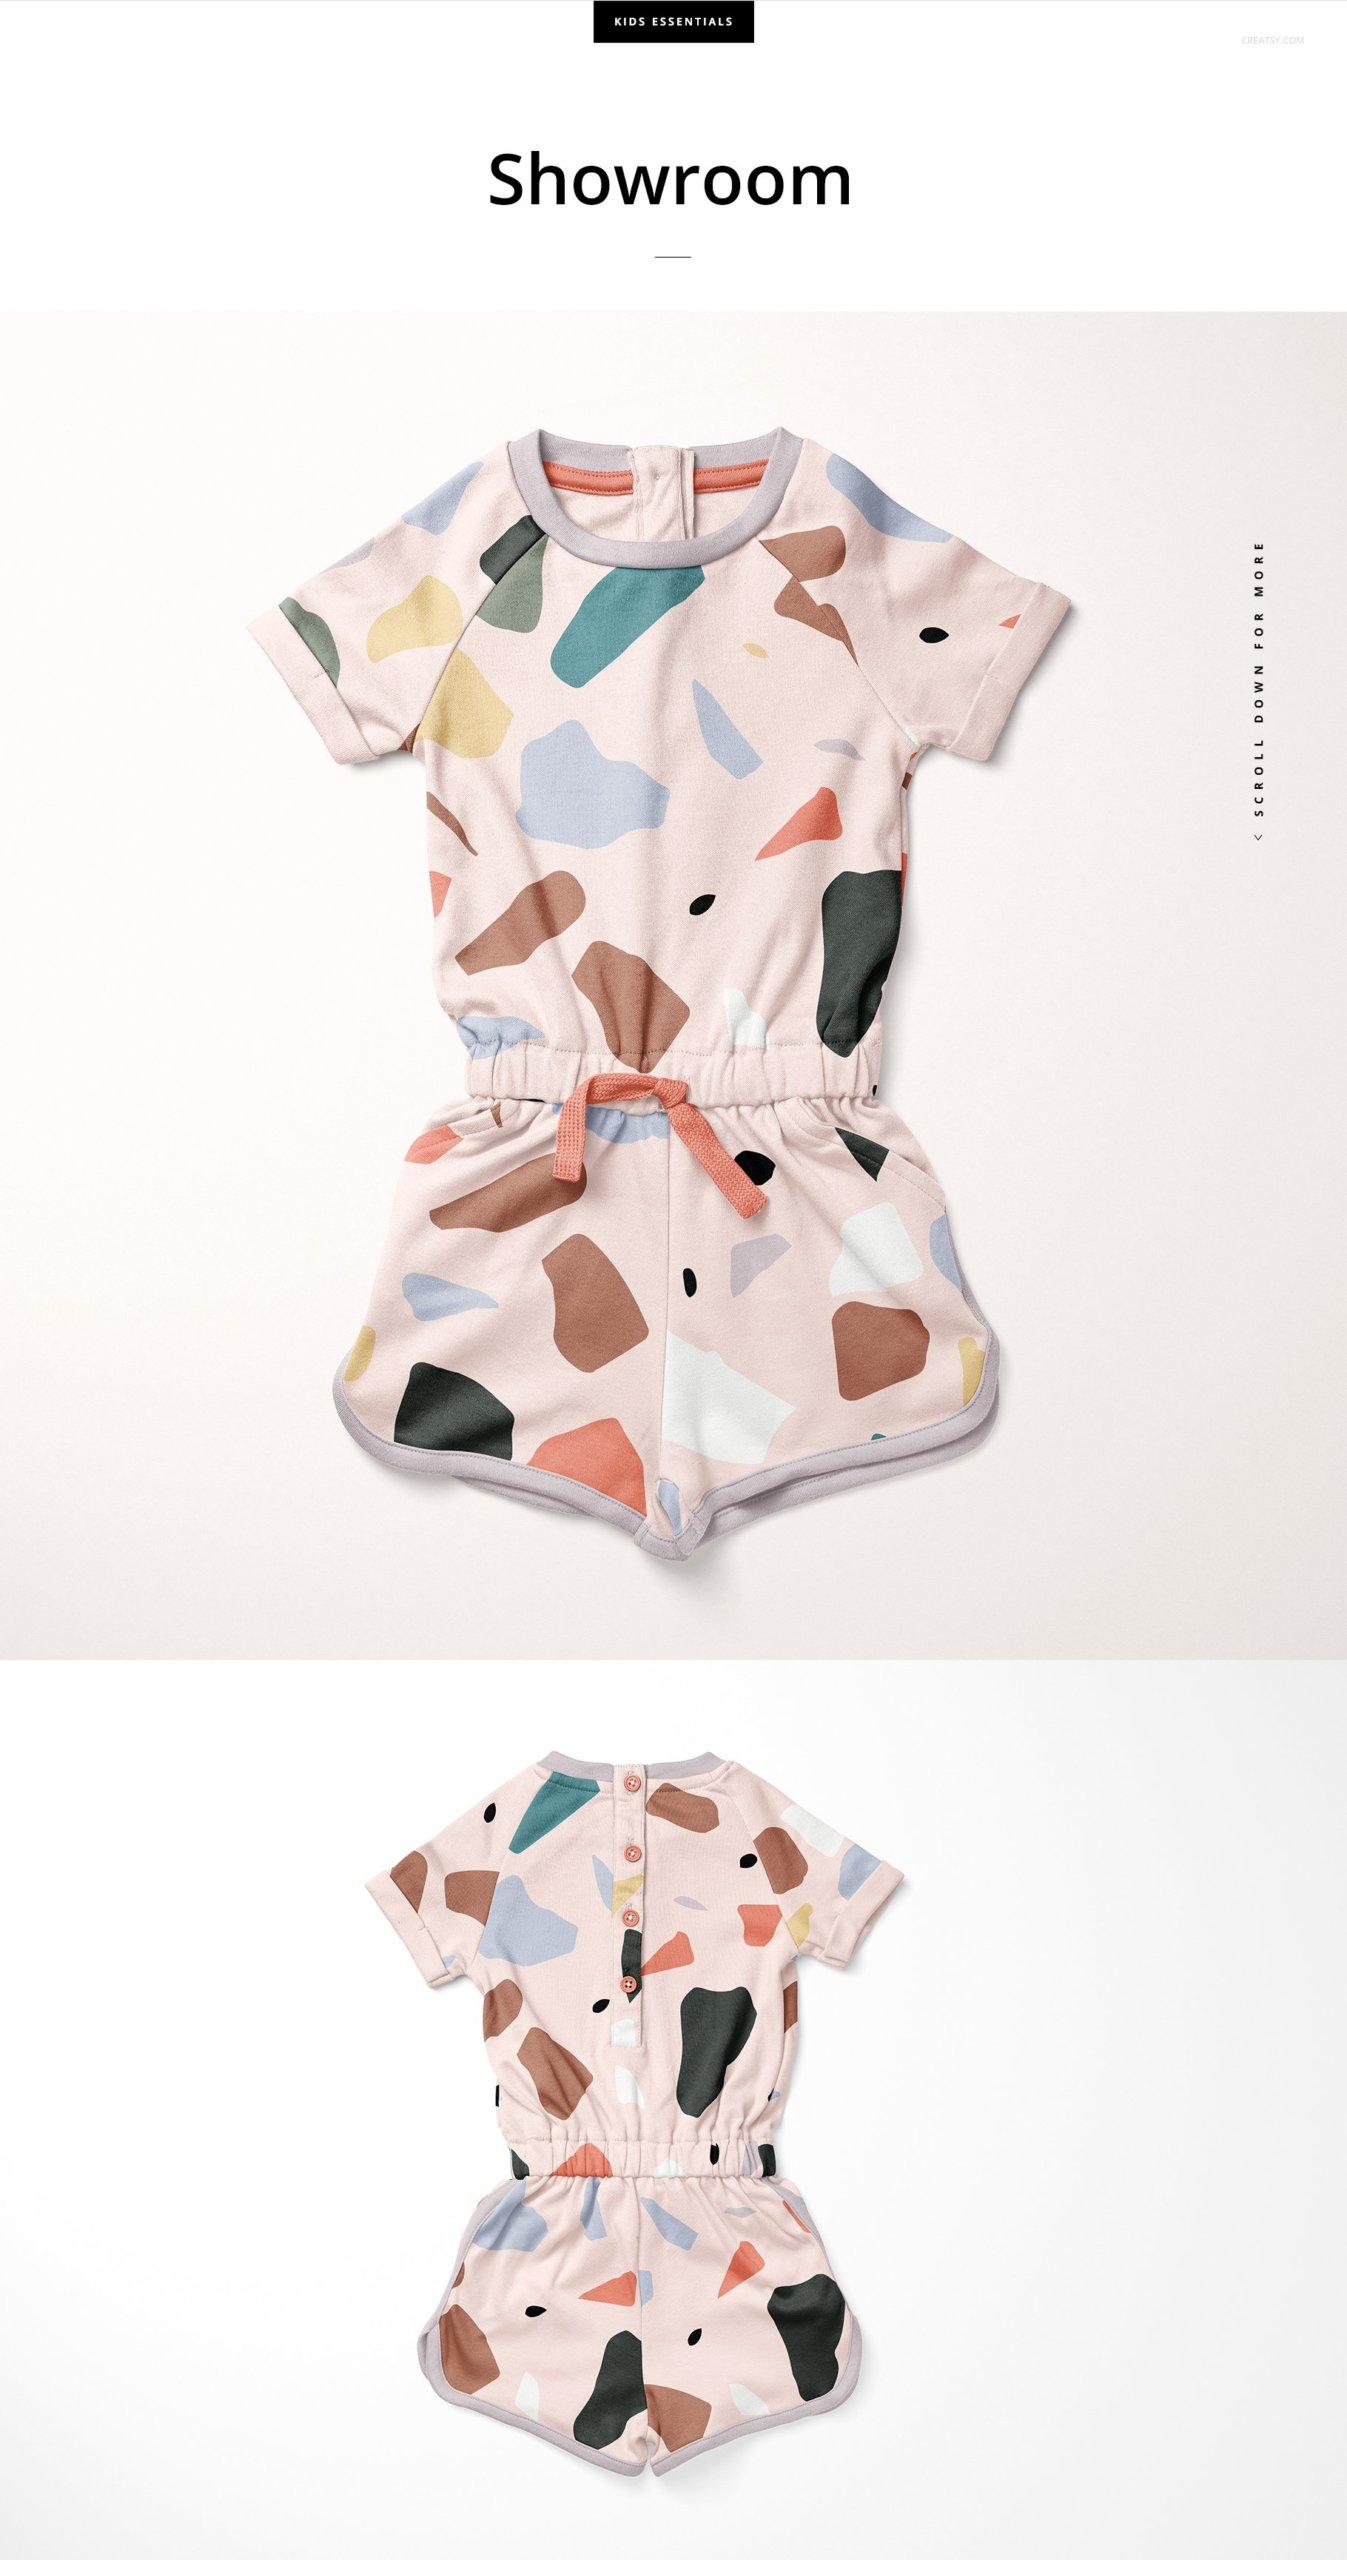 女婴棉质连身衣印花图案设计展示样机套装 Girls Cotton Playsuit Mockup Set插图3